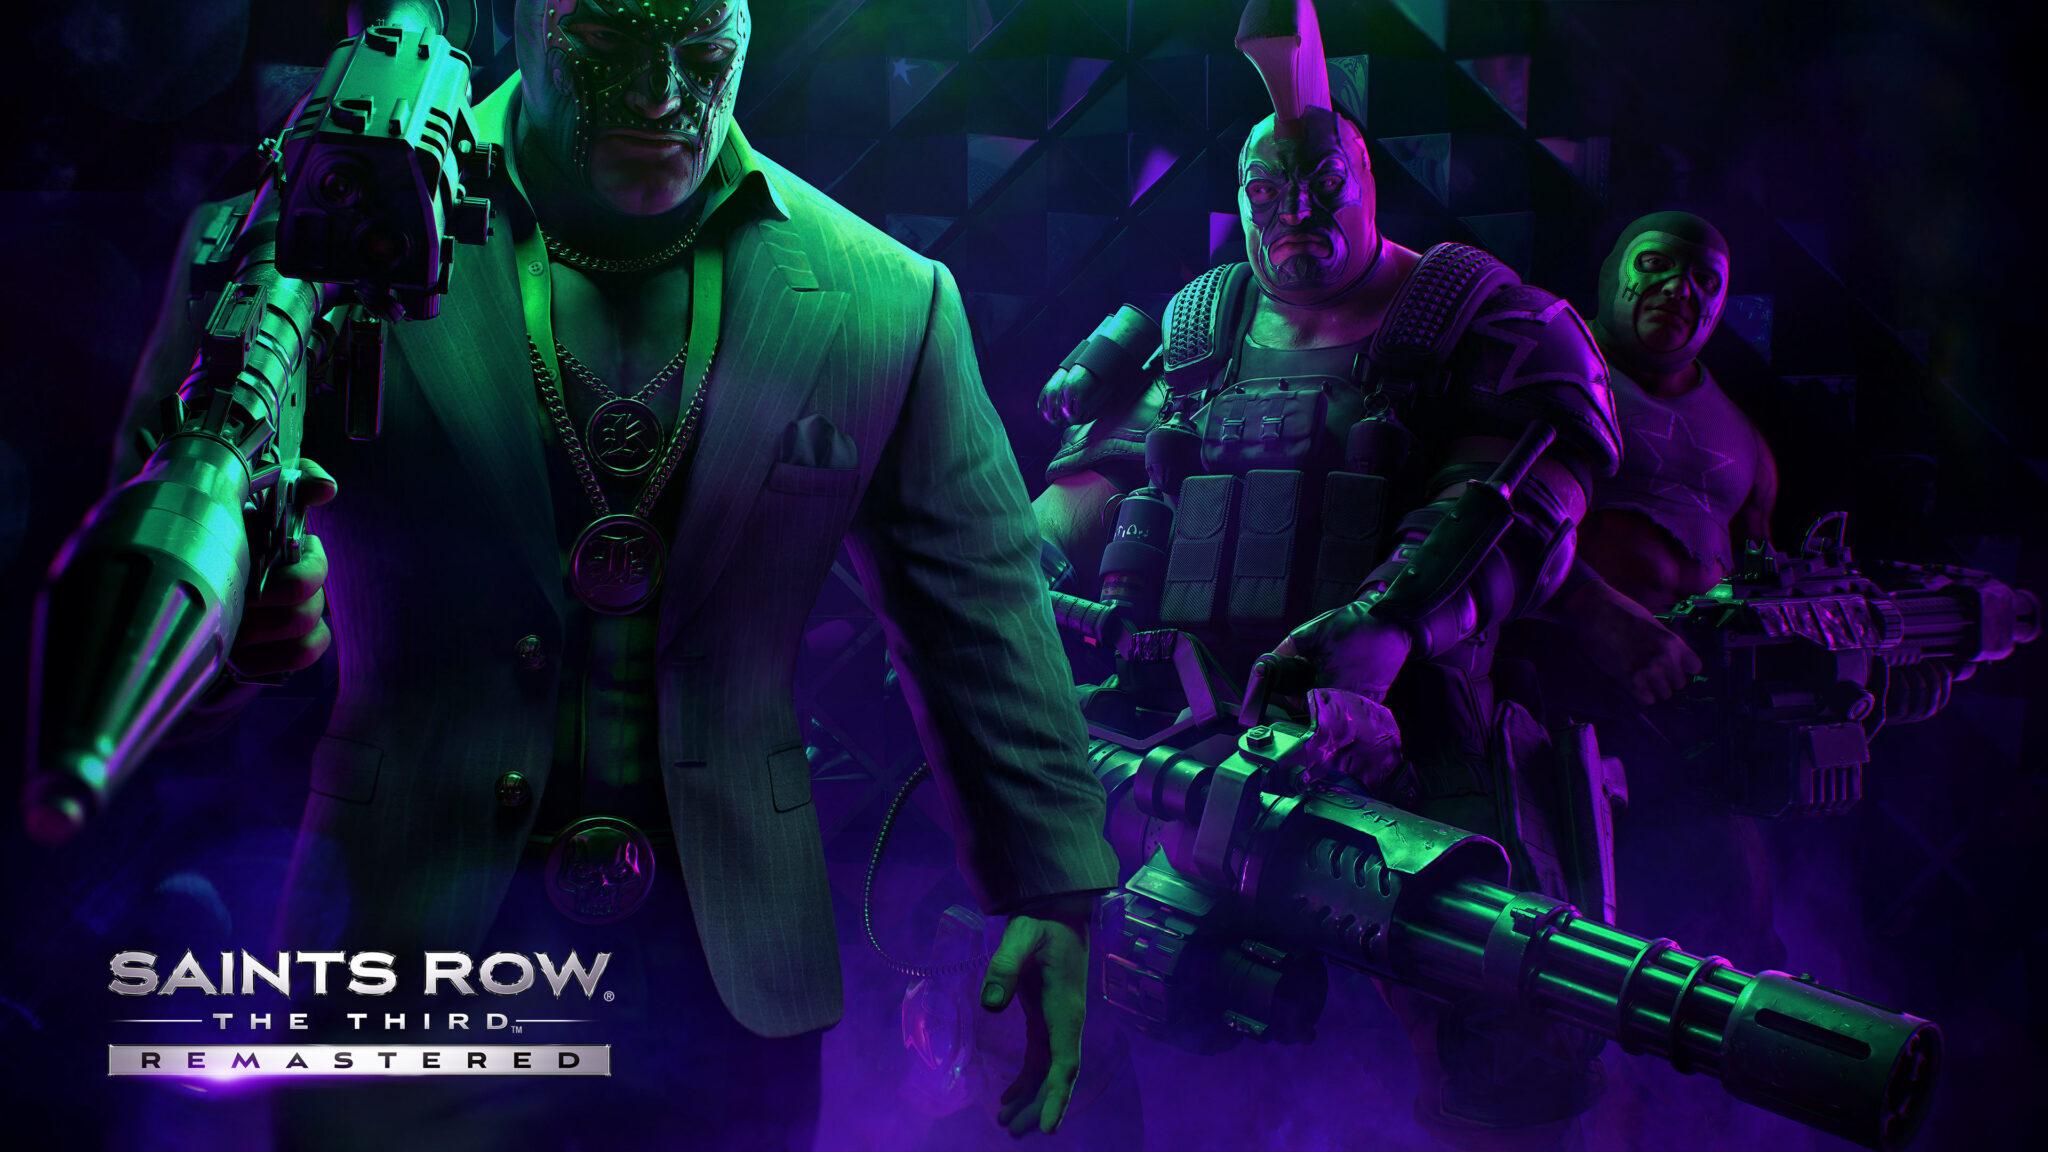 Annonce du jeu Saints Row The Third Remastered sur PS5 et Xbox Series